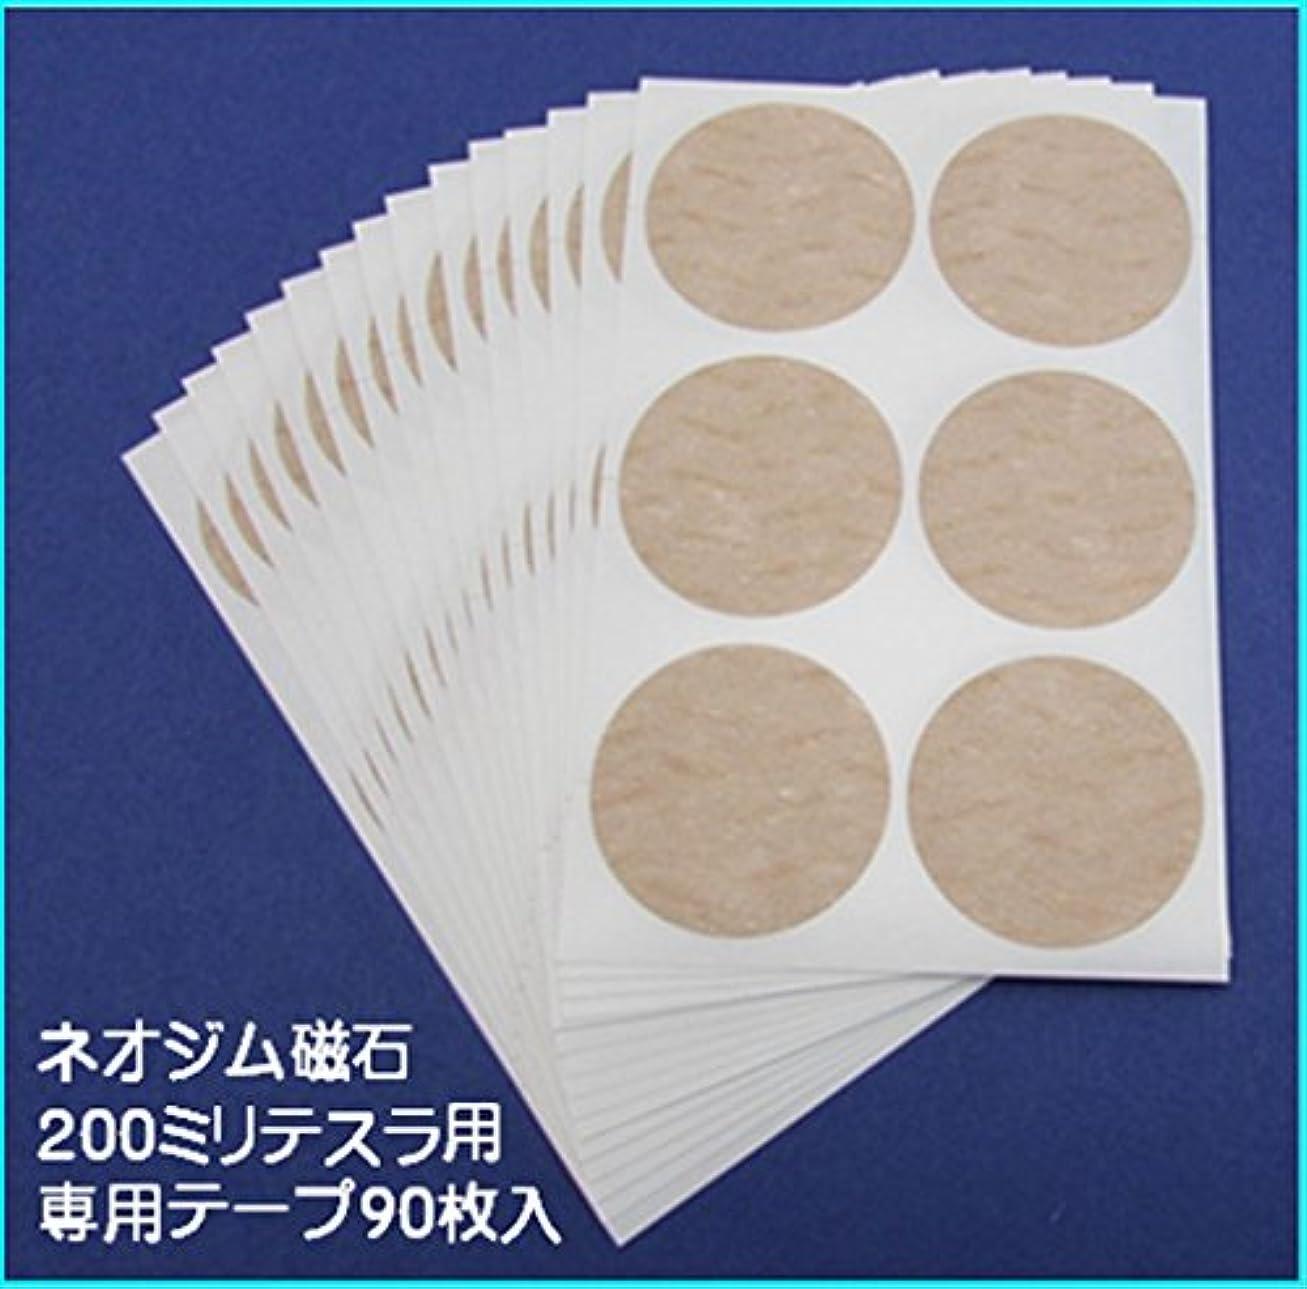 ラップトップ気付くゲートネオジム磁石 200ミリテスラ用専用粘着テープ 90枚入